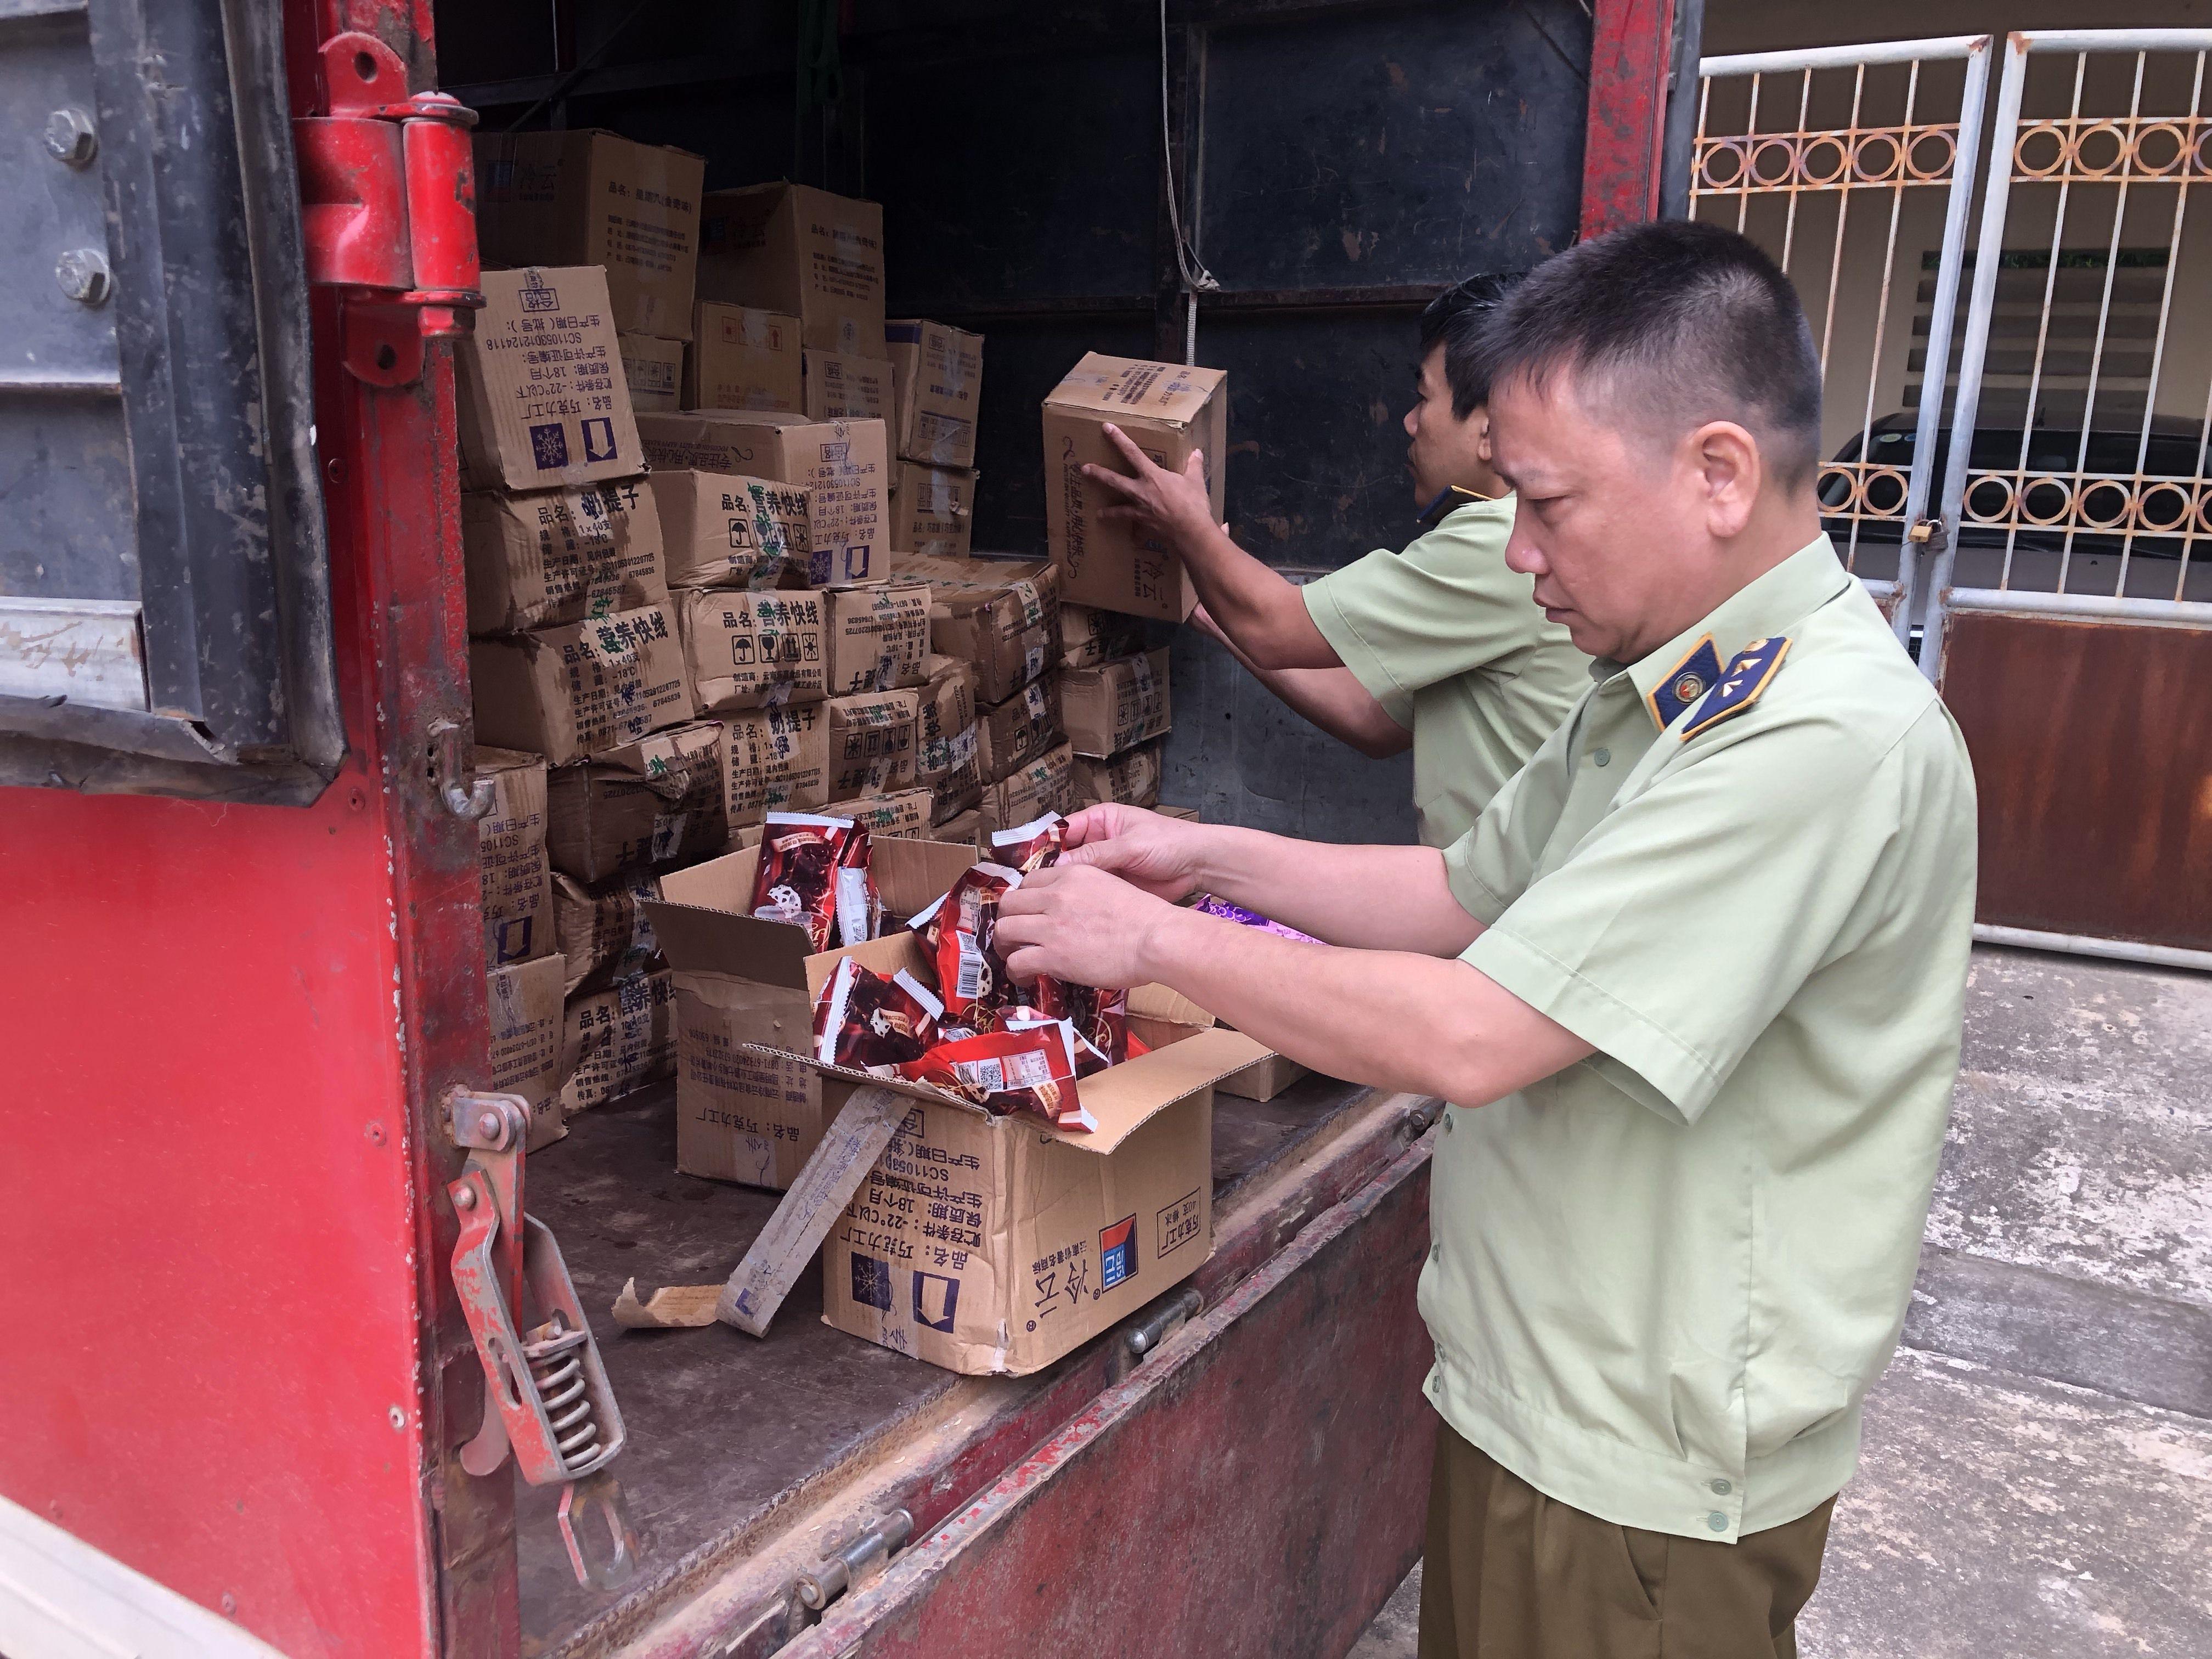 Thu giữ 8 ngàn que kem nhập lậu, lộ rõ những đường dây mua bán kem Trung Quốc giá siêu rẻ